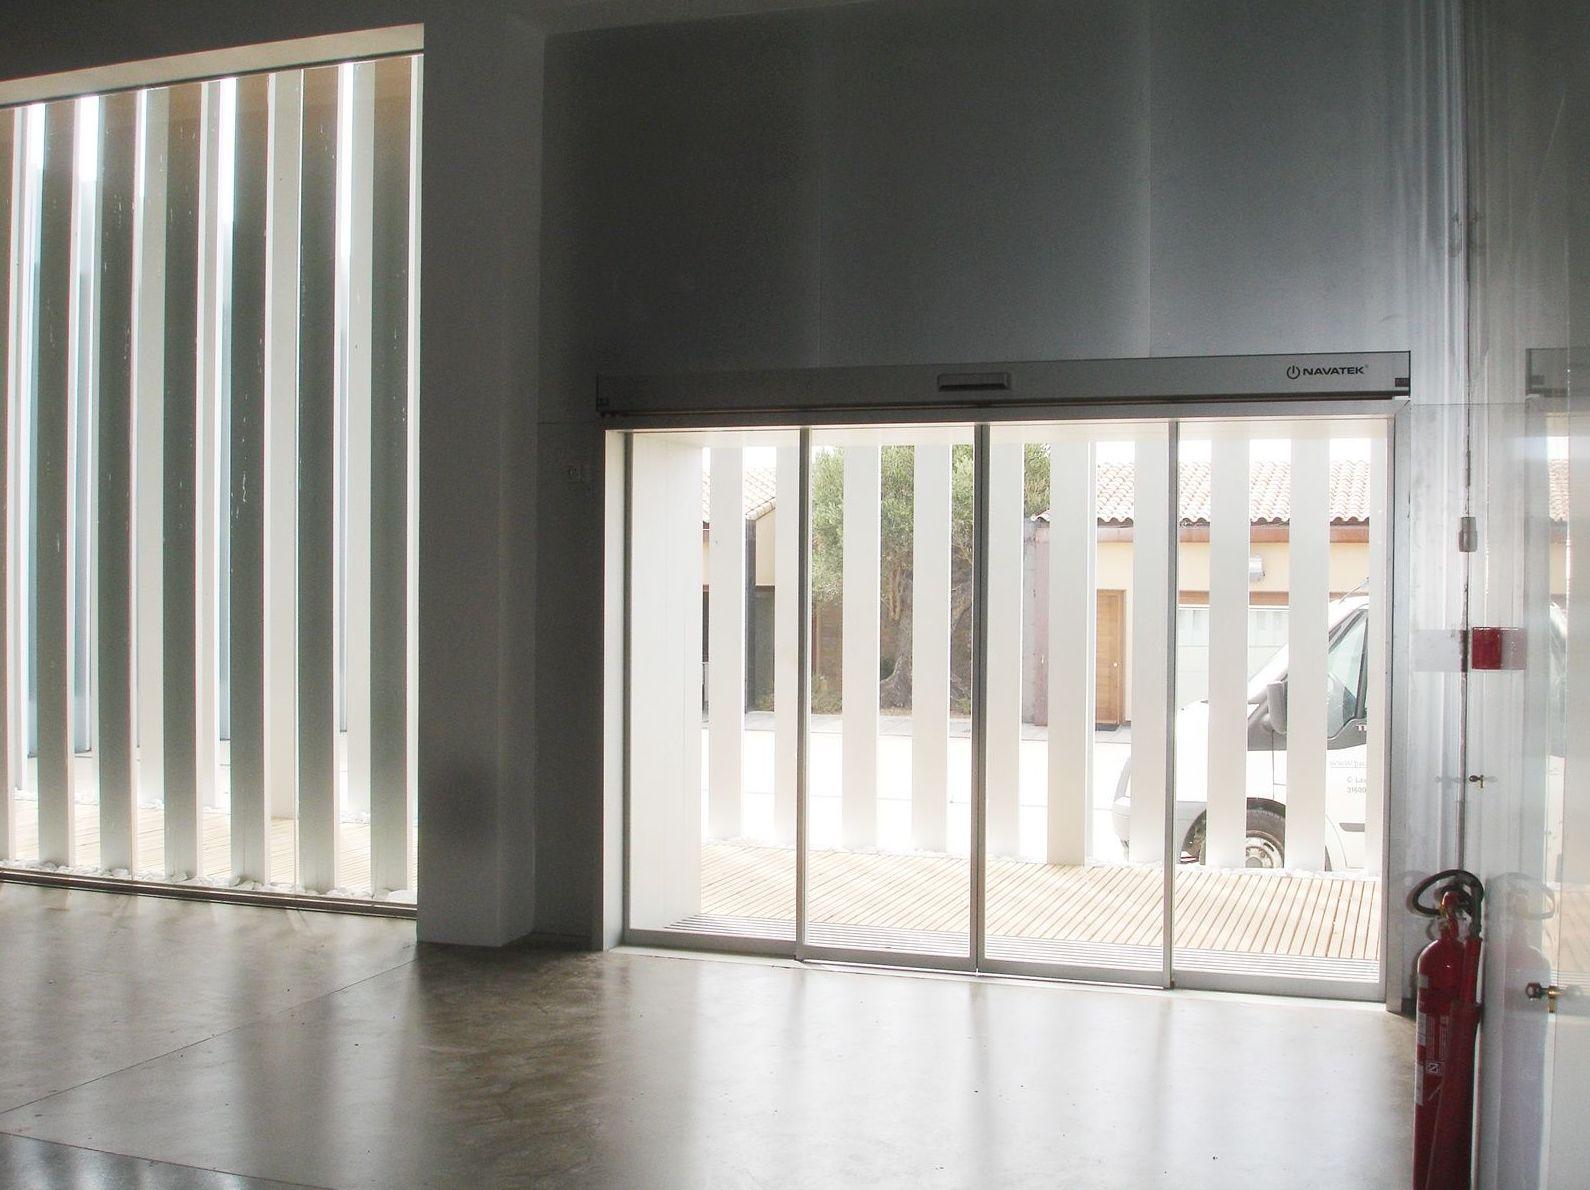 Foto 120 de Puertas automáticas en Olite | Navatek Puertas Automáticas SL